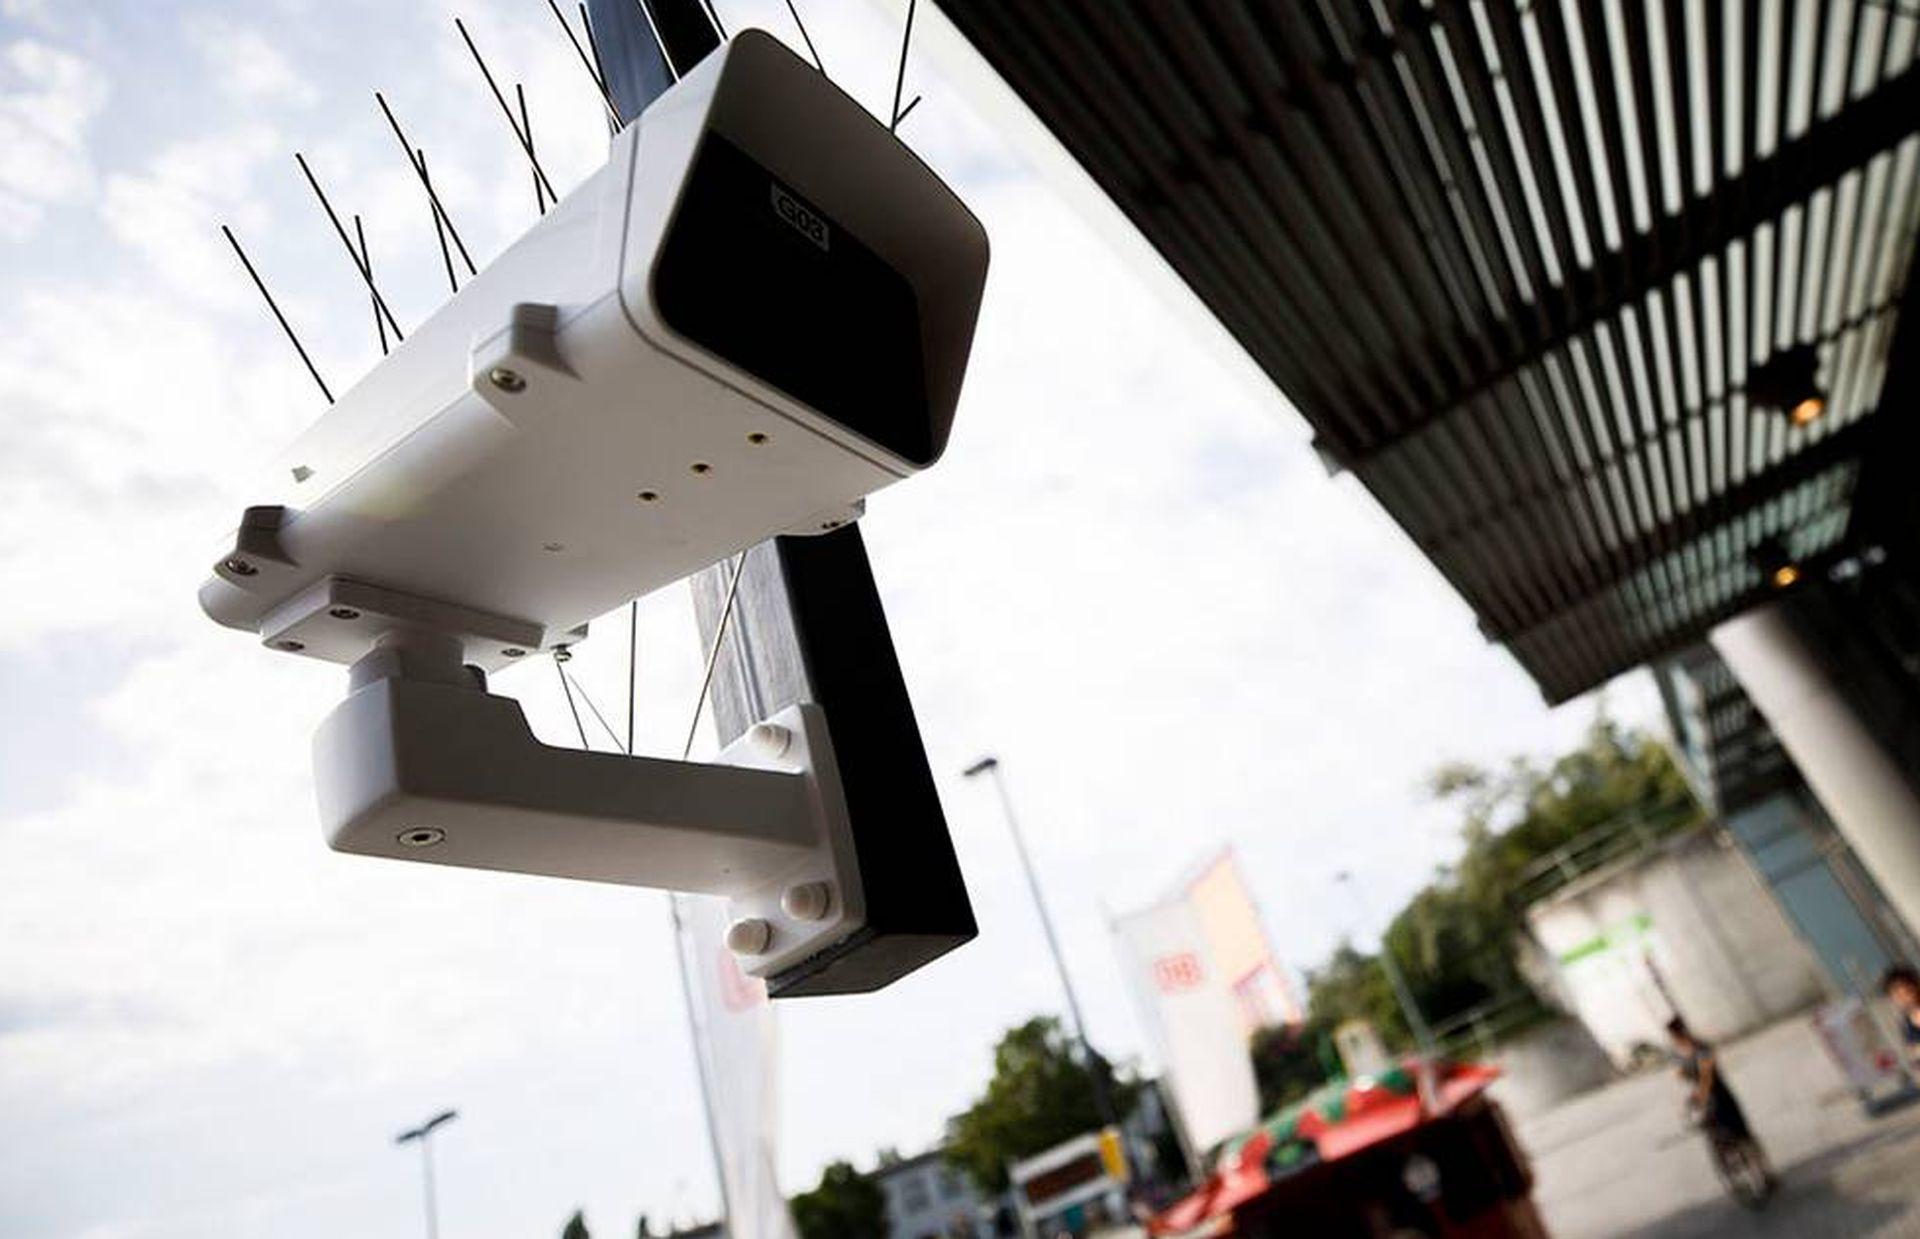 Відеокамери у столиці допомогли розкрити 2,5 тис злочинів, – поліція